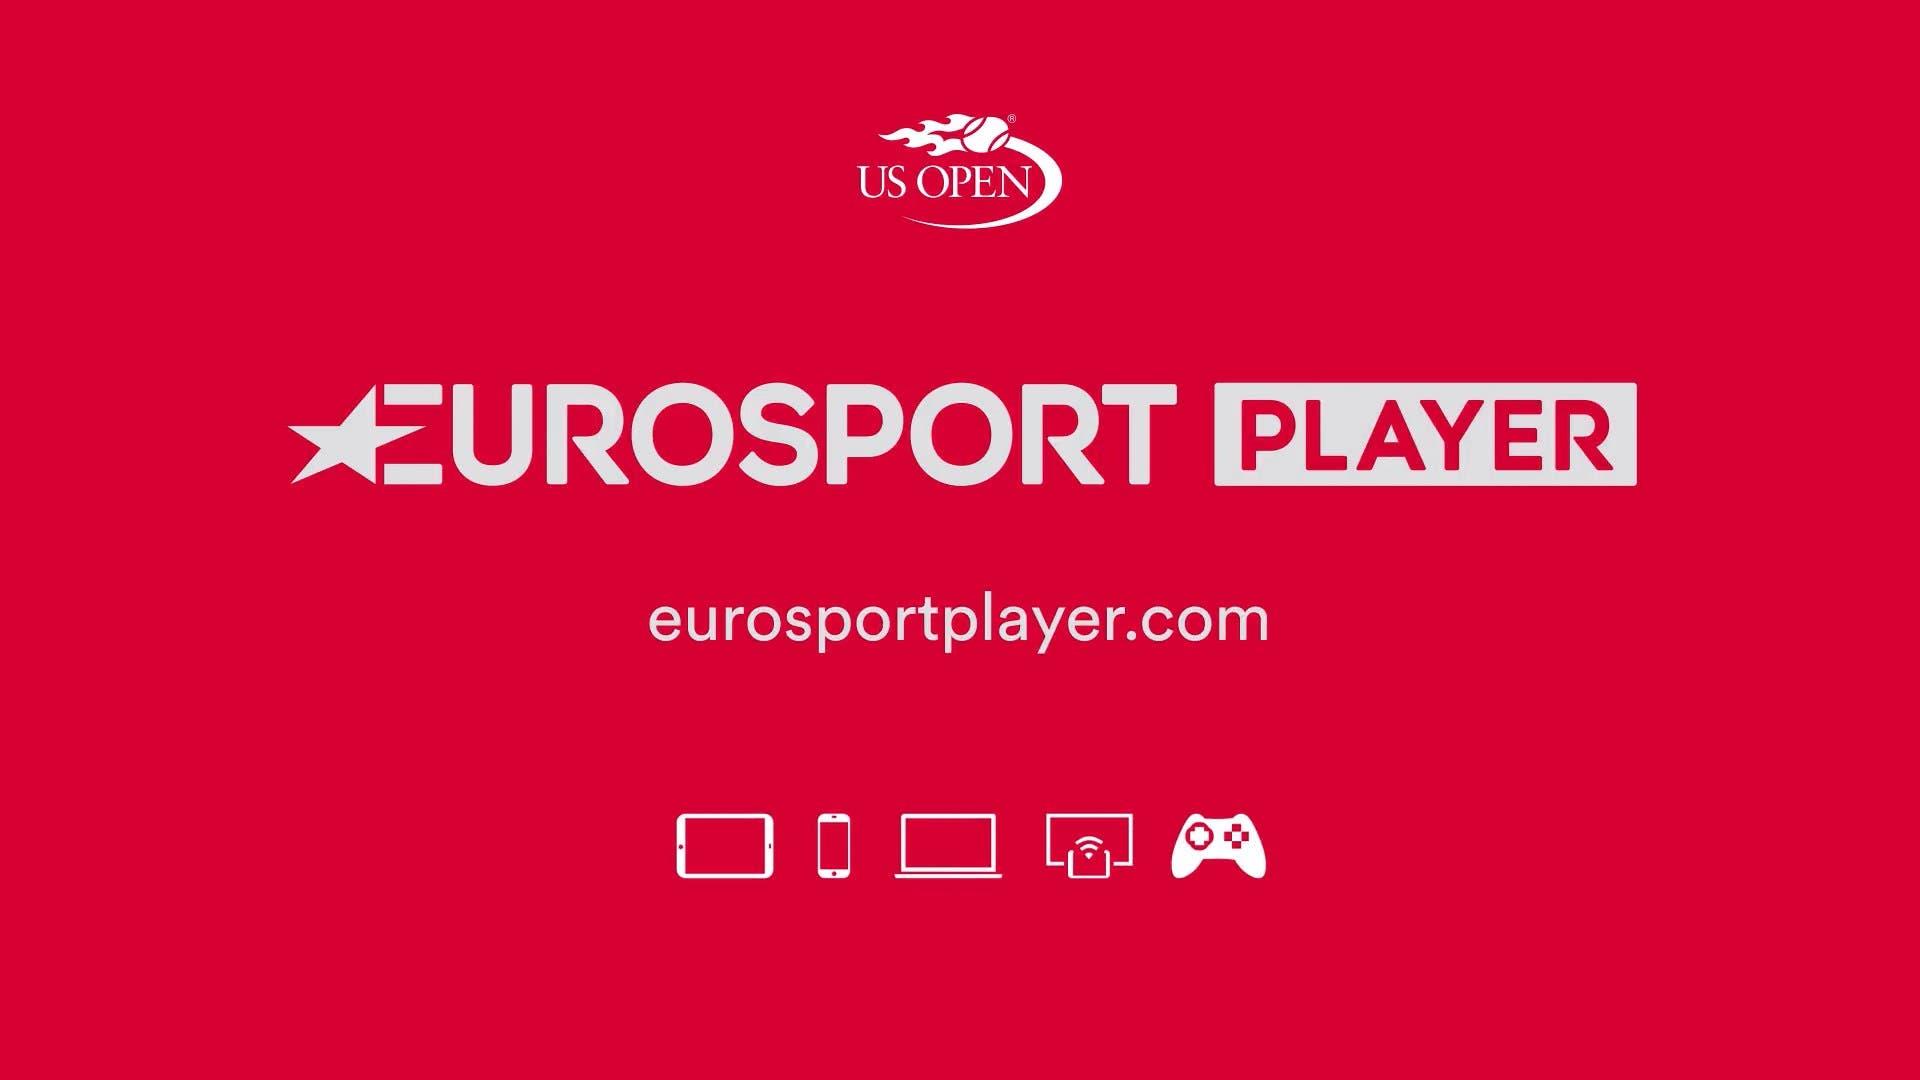 TV e Rete: tutti i match di 12 campi degli US Open su Eurosport Player